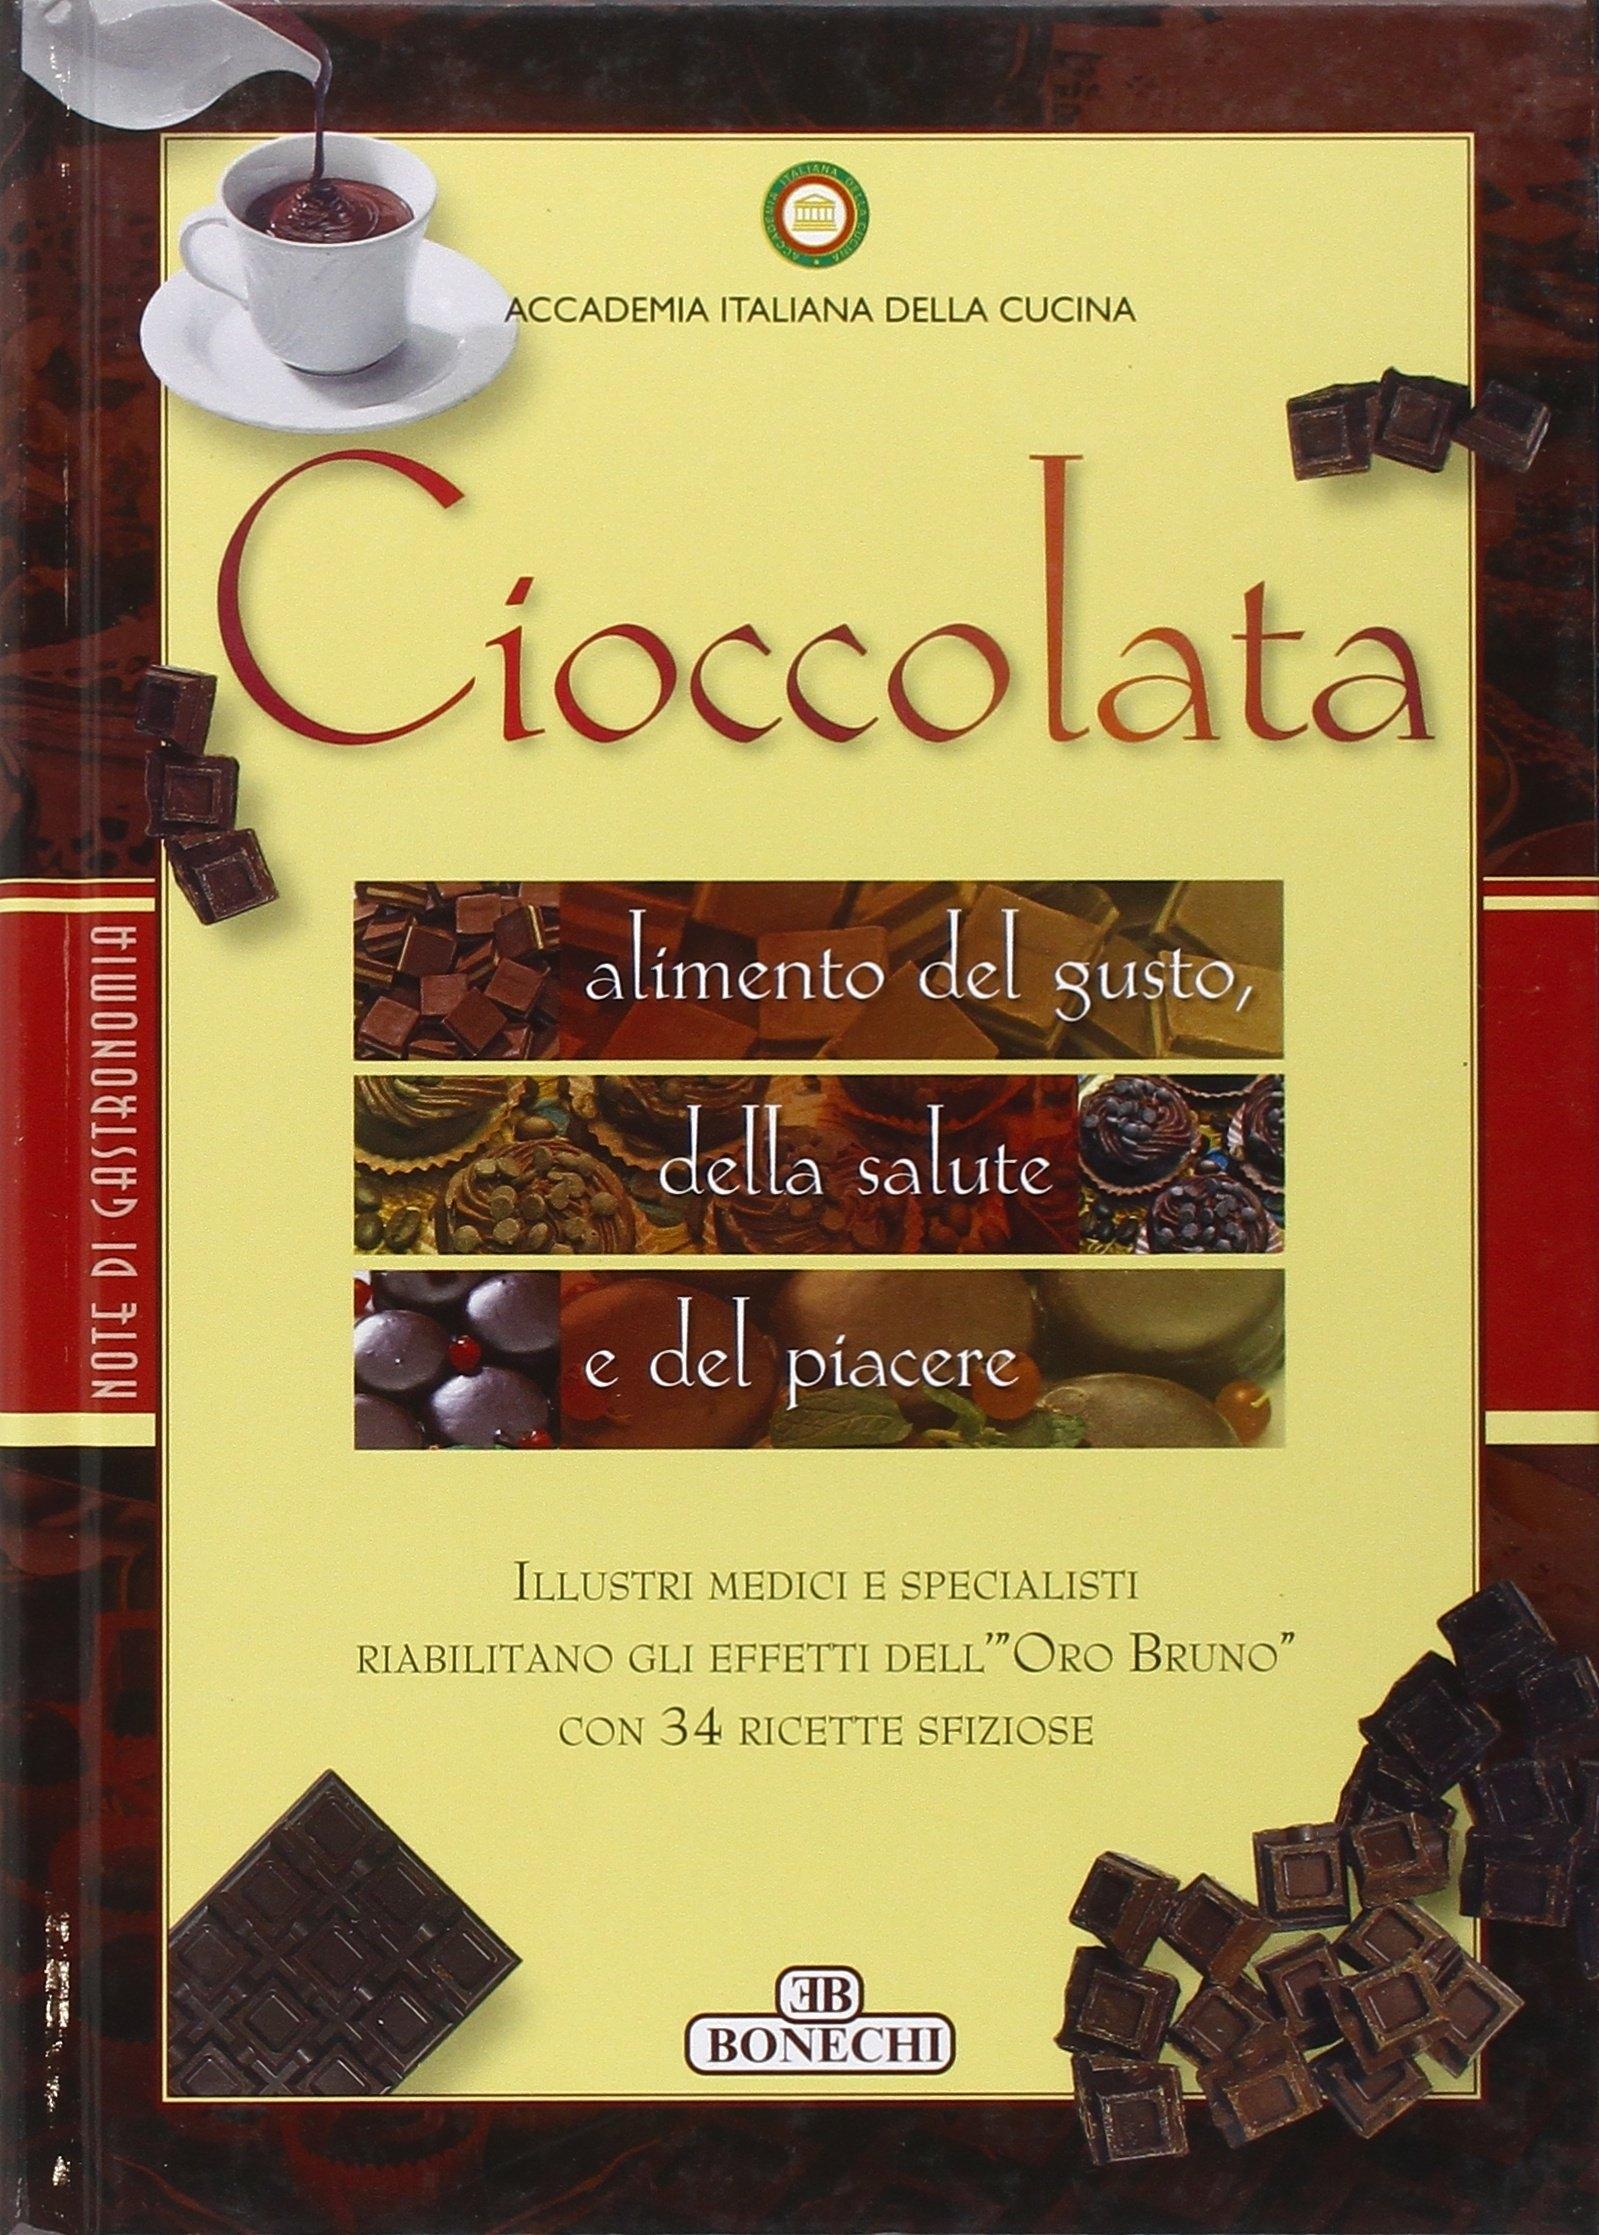 Cioccolata. Alimento del gusto, della salute e del piacere - Accademia Italiana Della Cucina